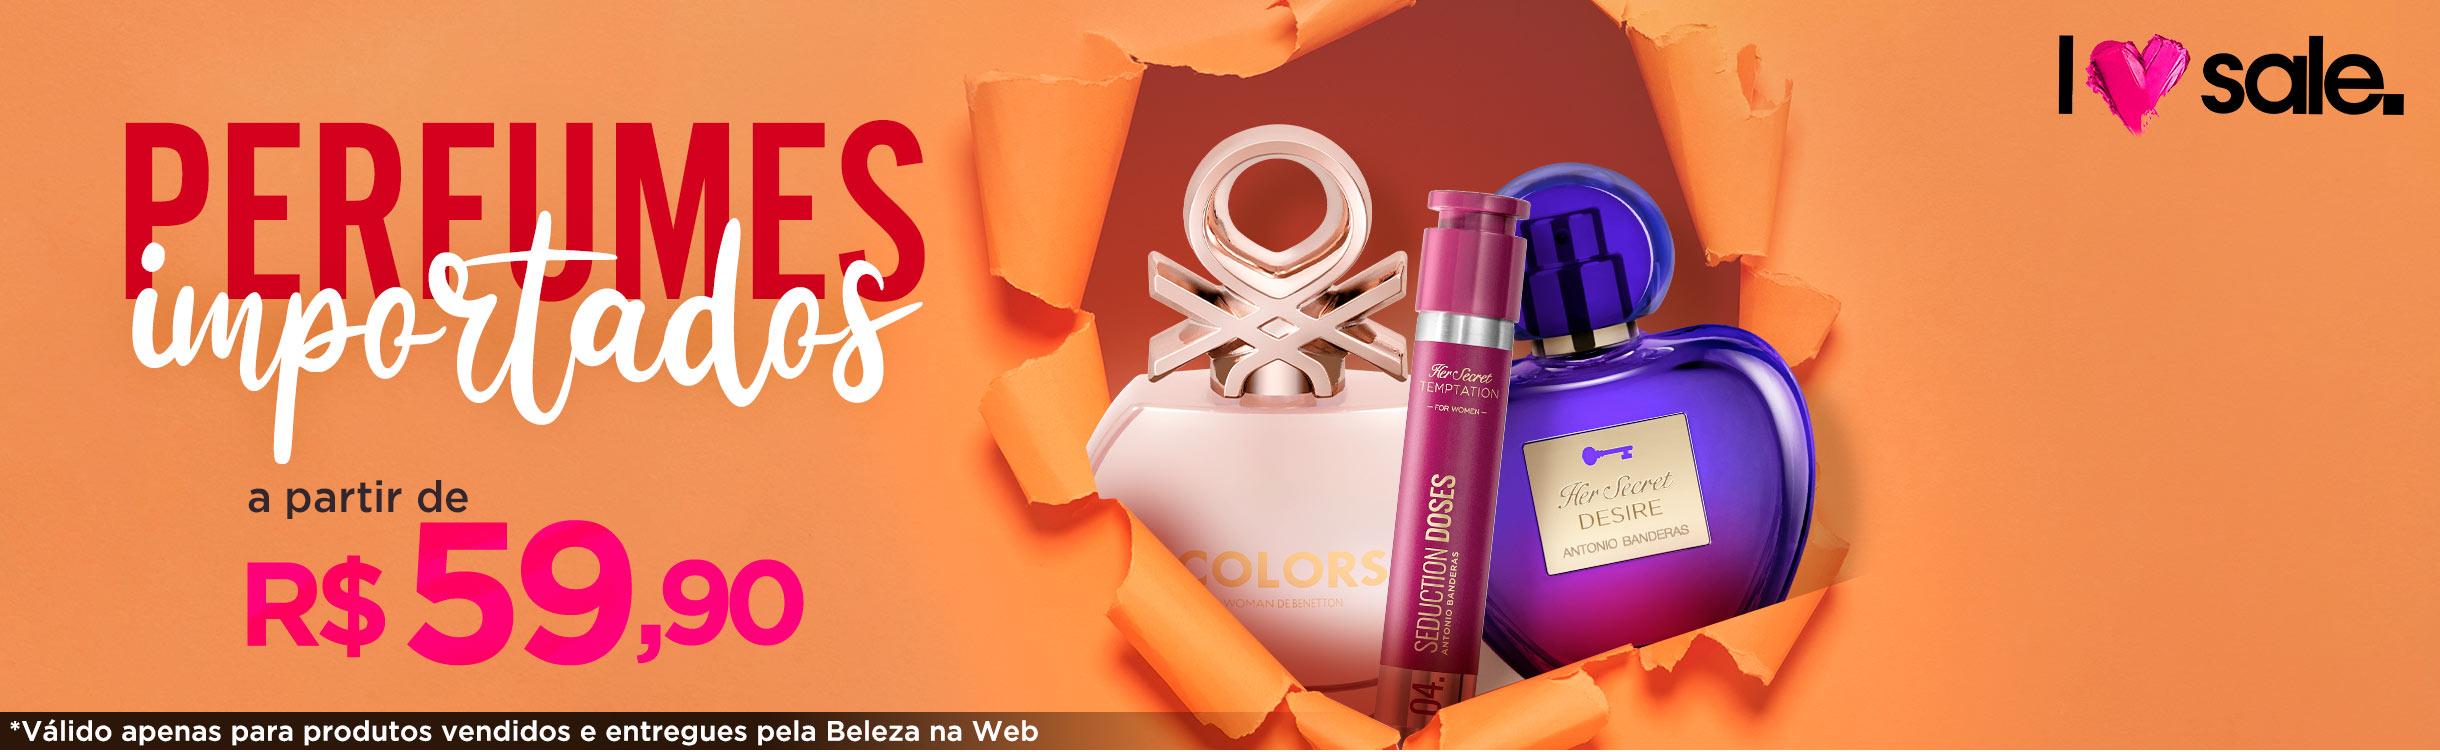 Perfumes e Perfumaria Icônicos